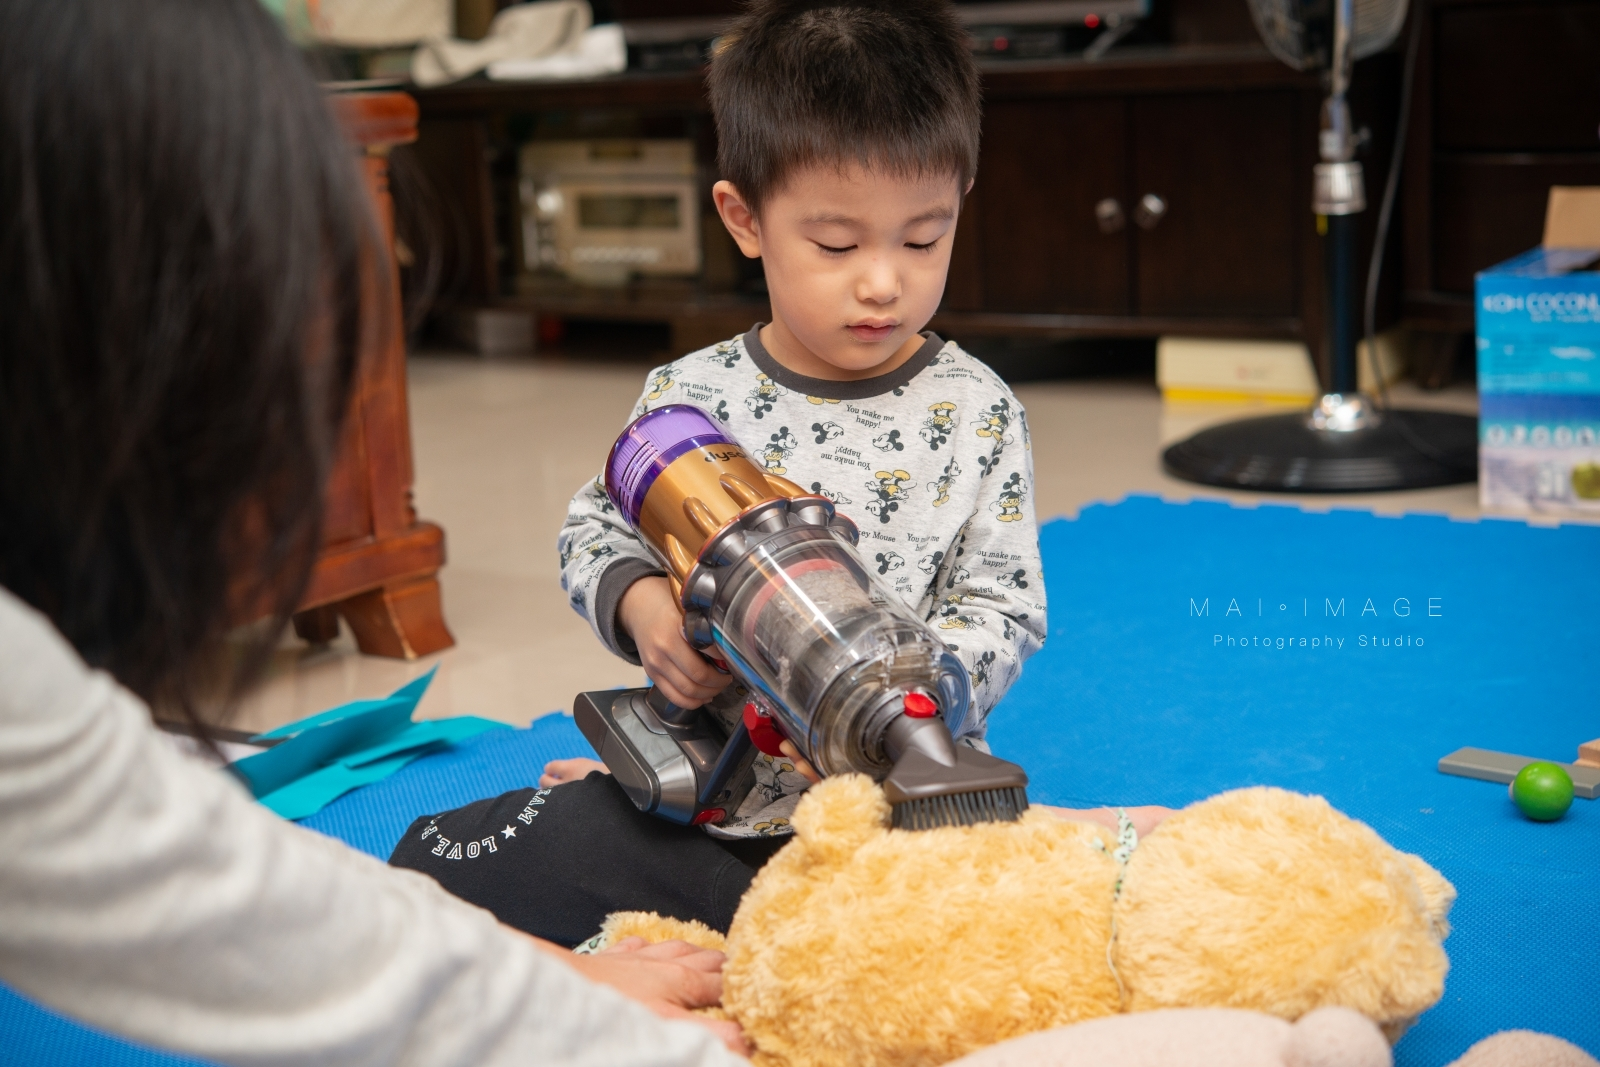 3歲小孩都可以輕鬆操作的輕型吸塵器『Dyson Digital Slim Fluffy Pro 輕量無線吸塵器』重量只有1.9公斤,機身輕巧吸力卻依舊驚人